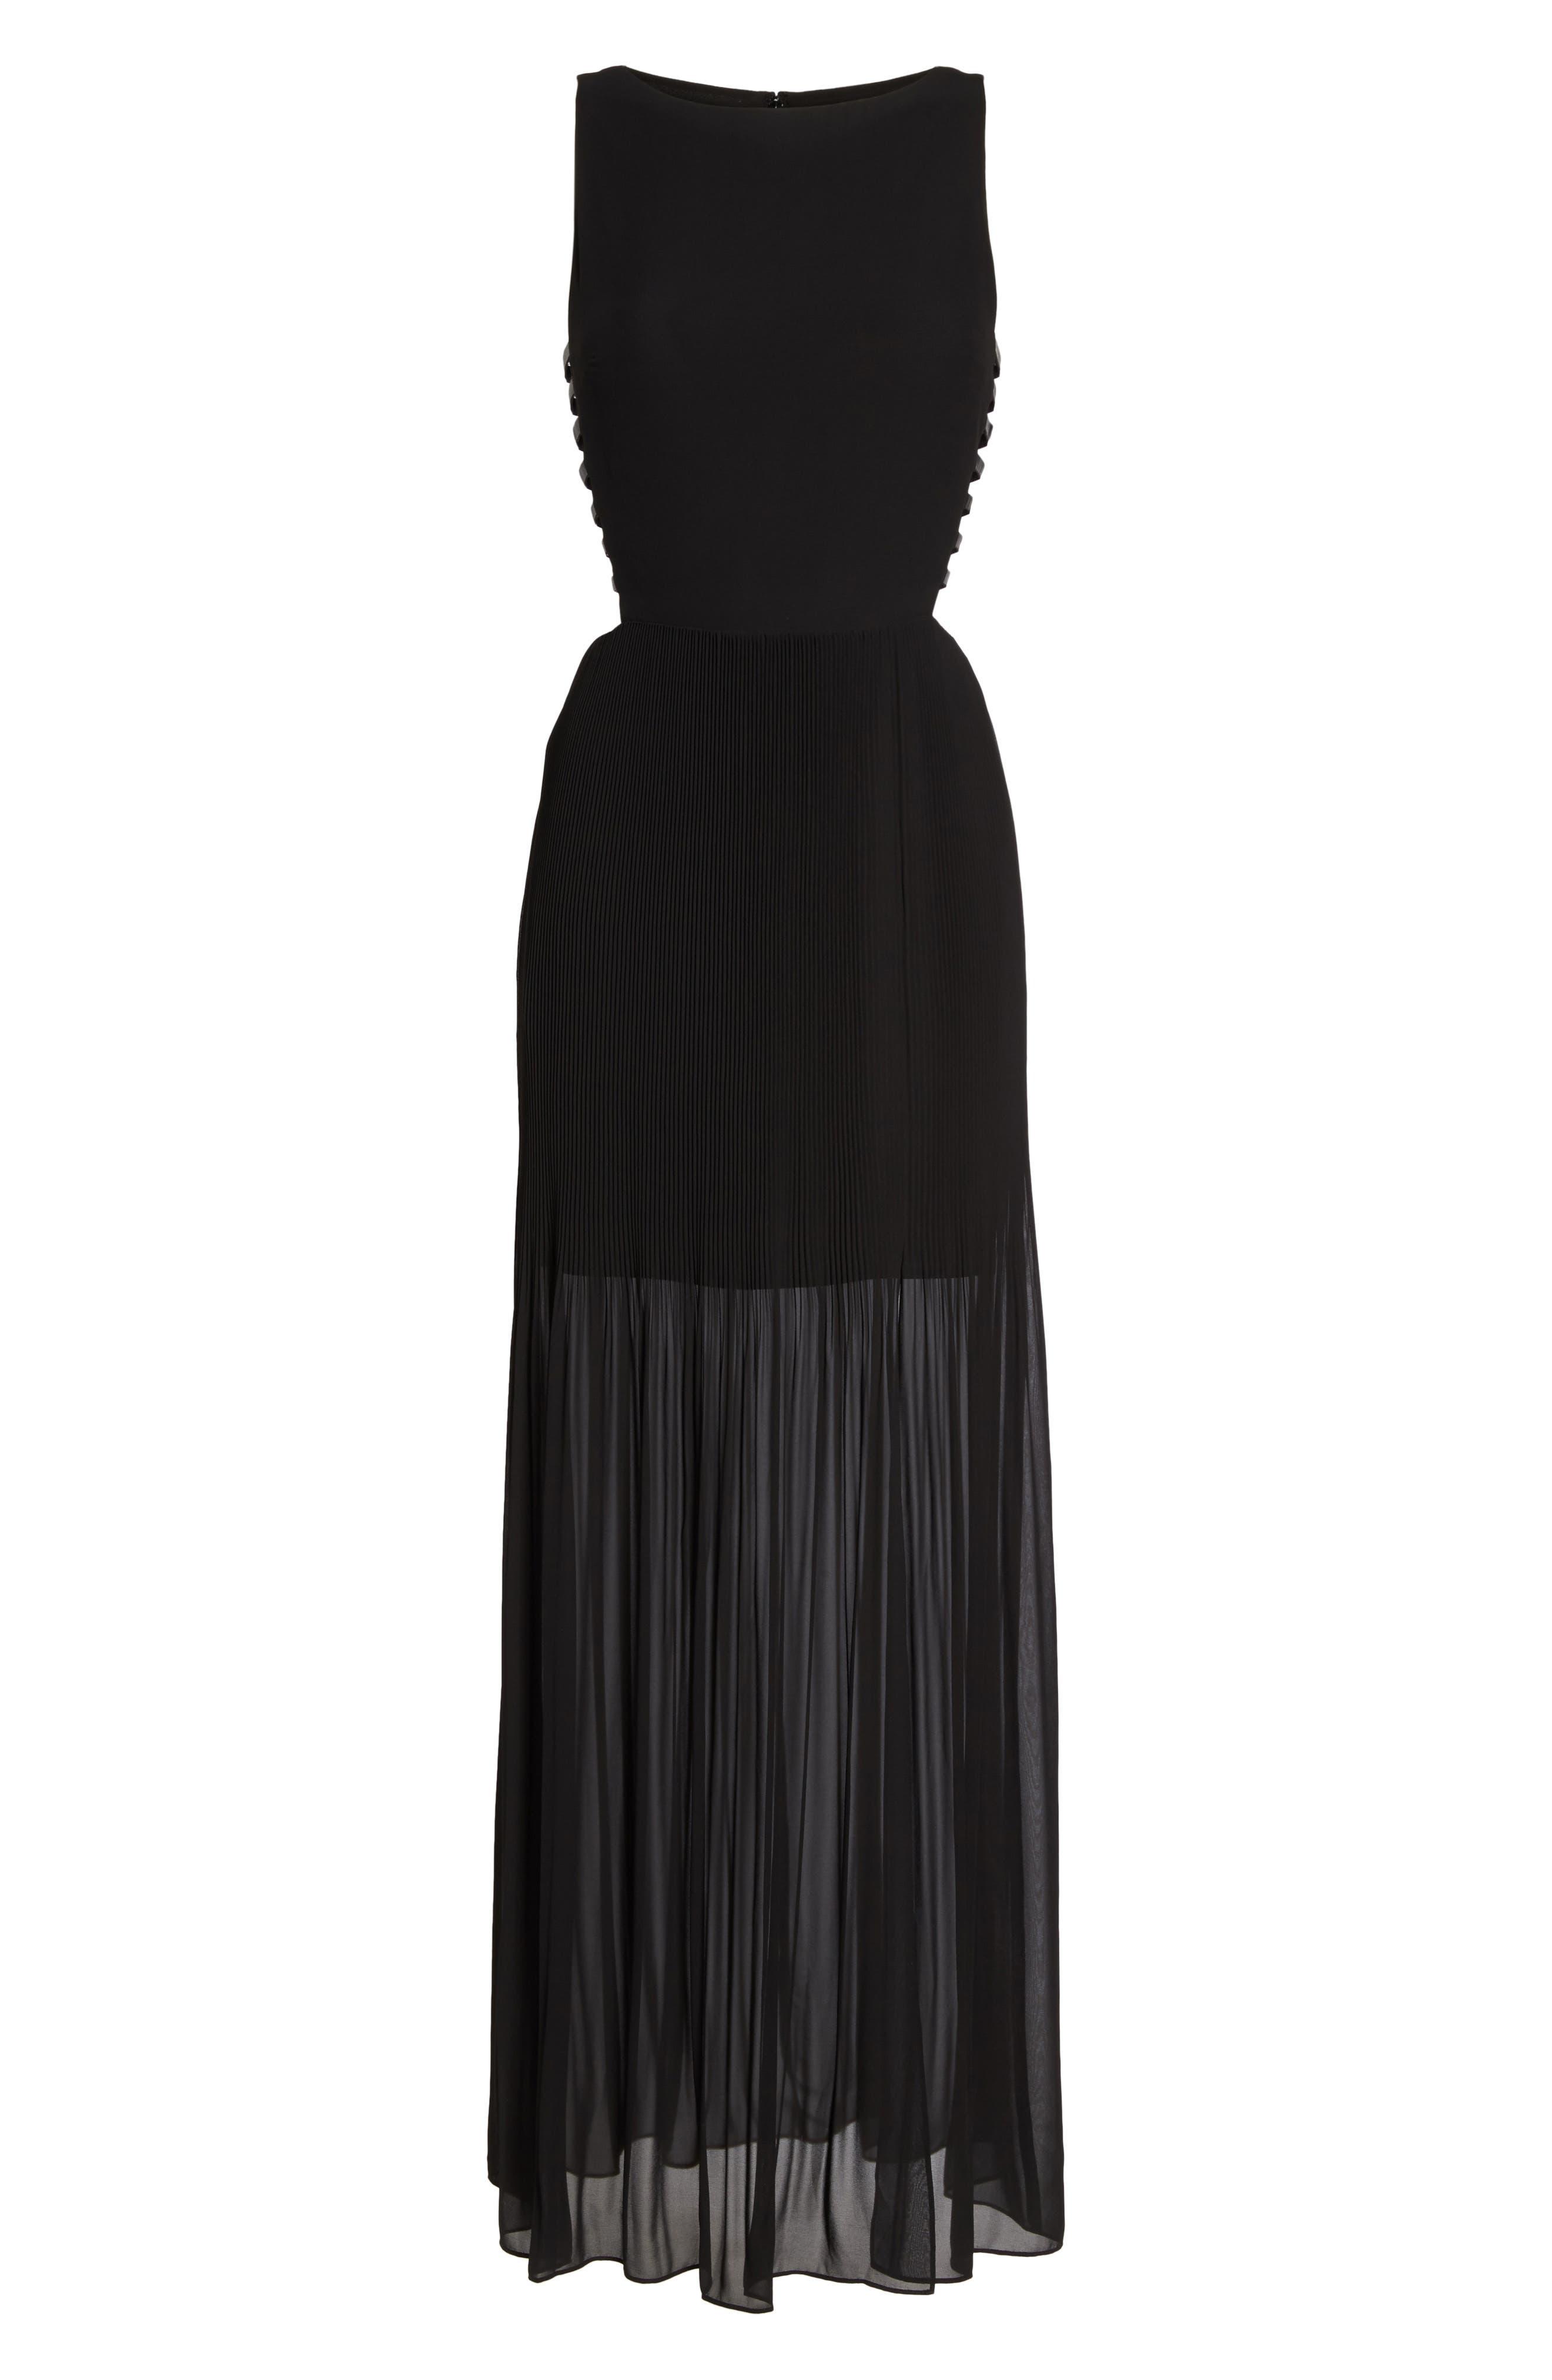 Sunset Blvd Maxi Dress,                             Alternate thumbnail 11, color,